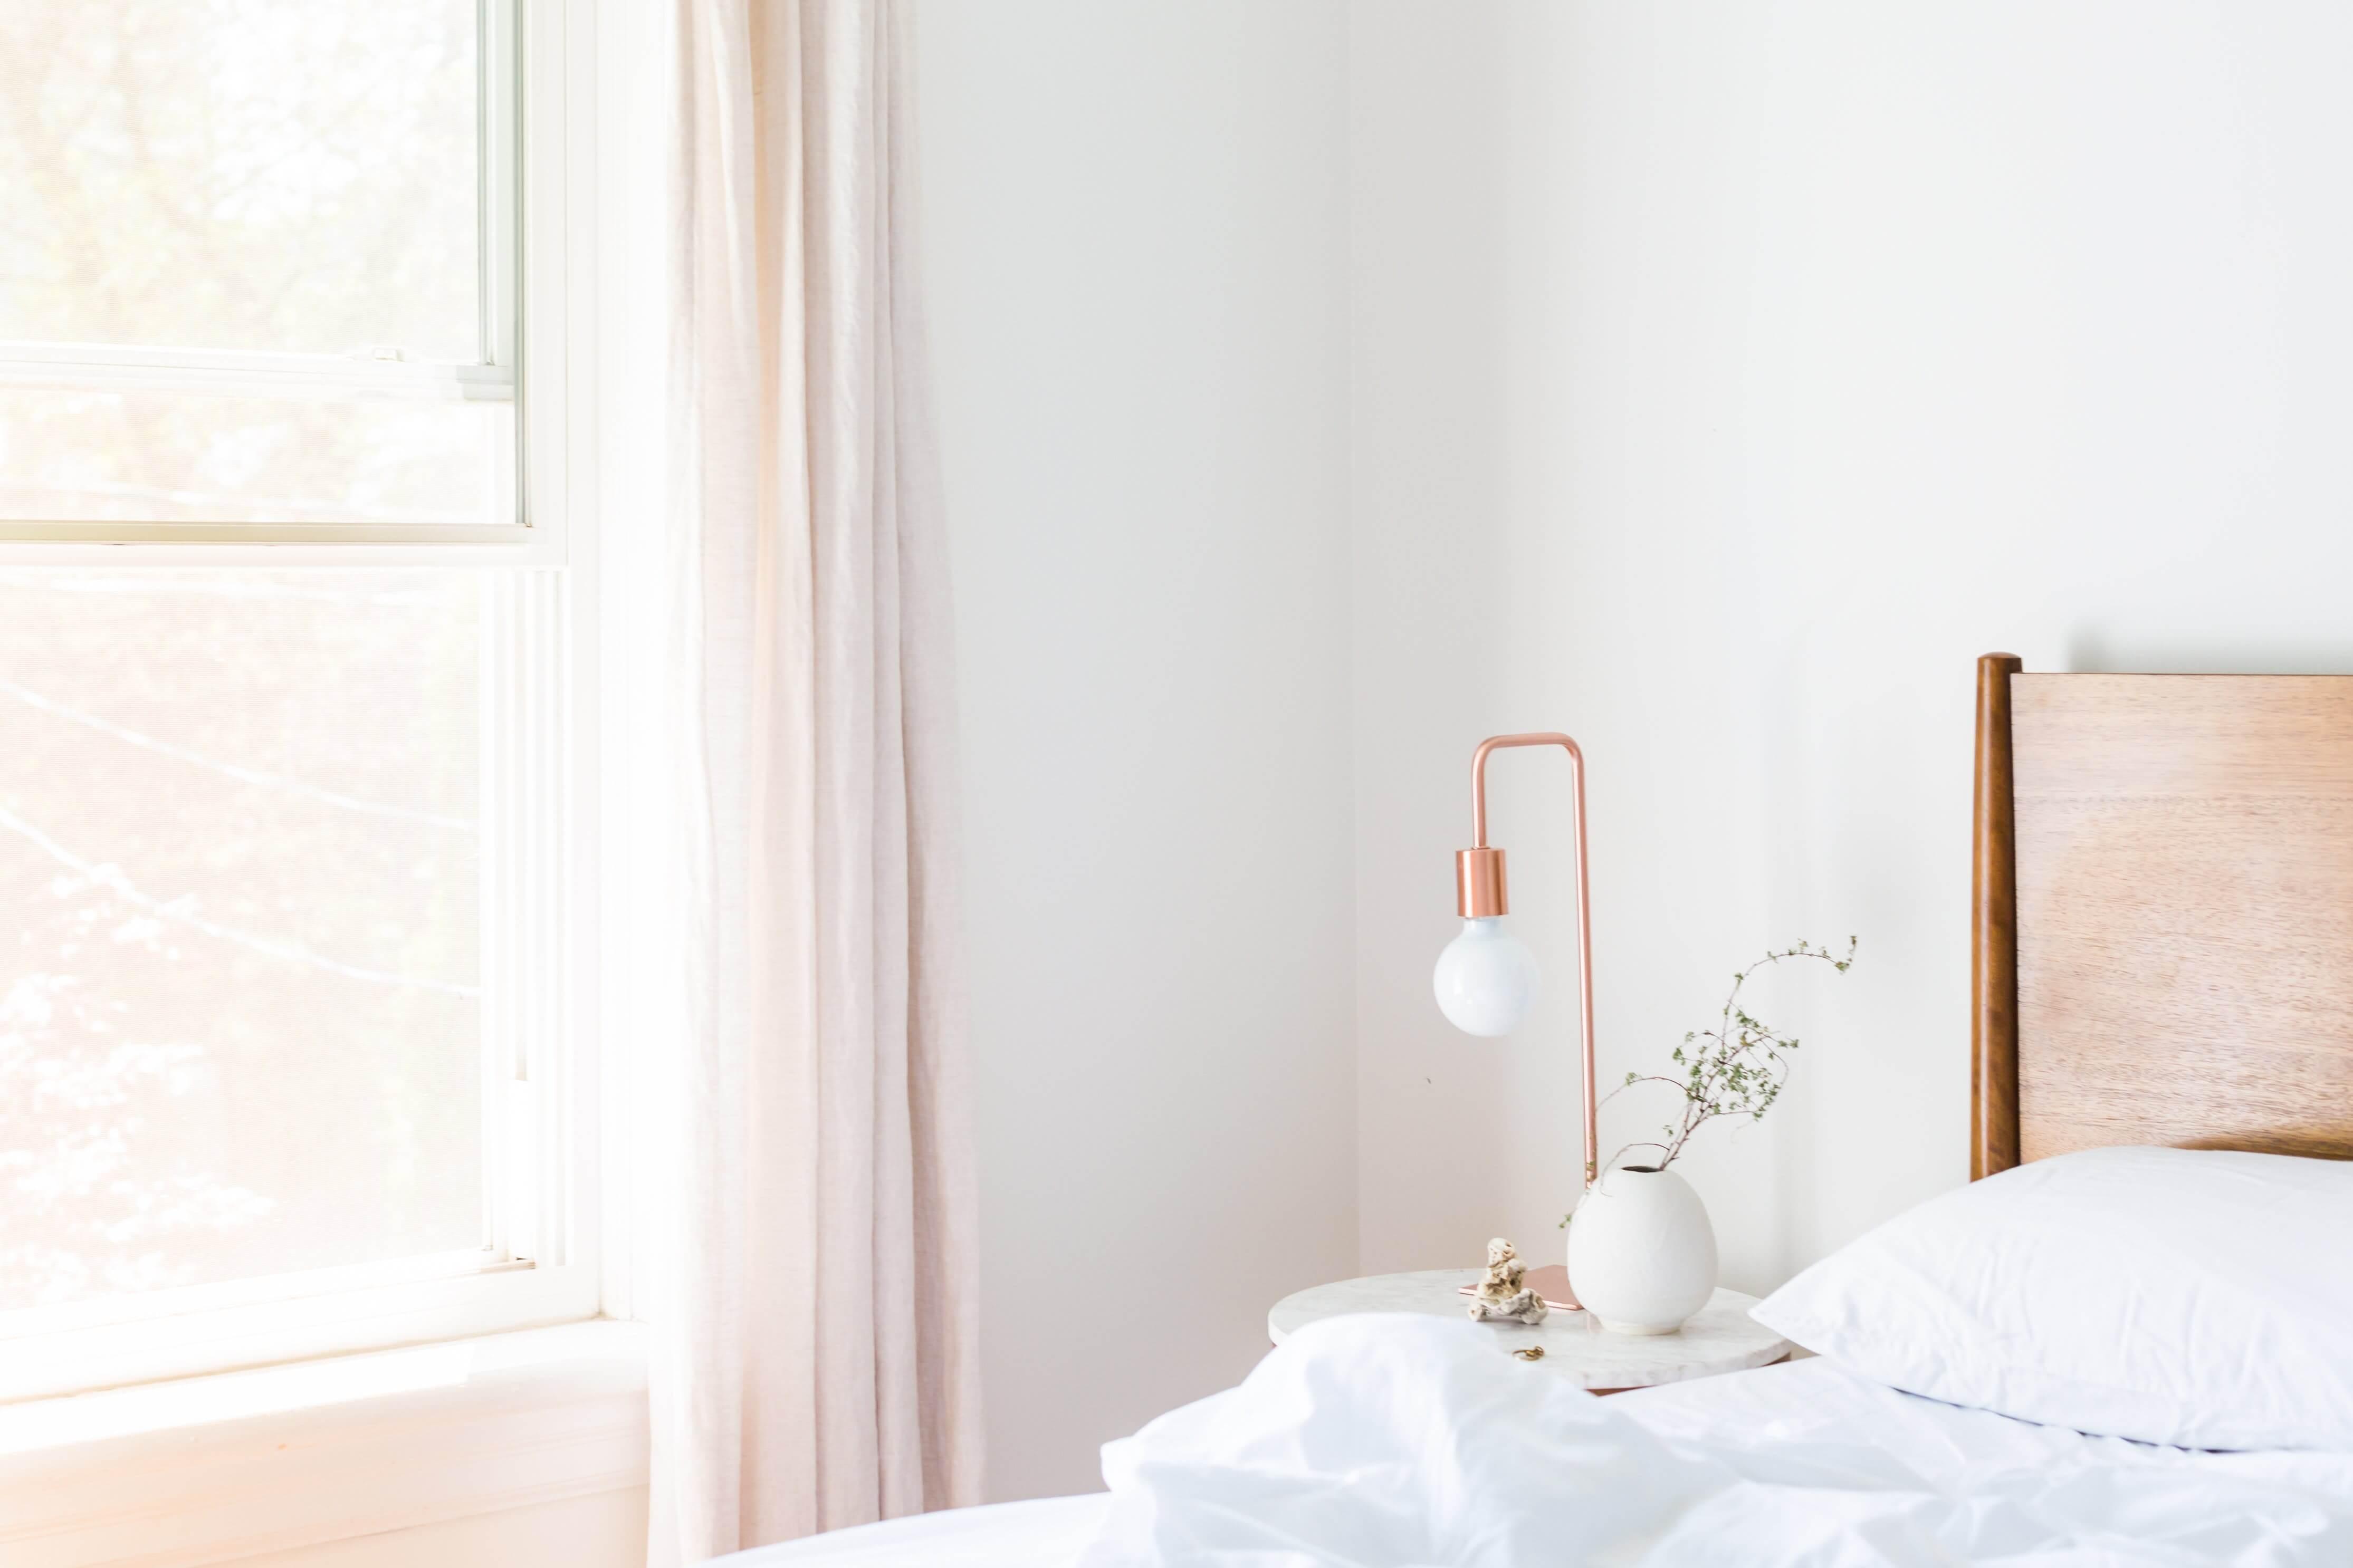 Kolor Scian W Sypialni Jakie Odcienie Wybrac Plantpur Sleep